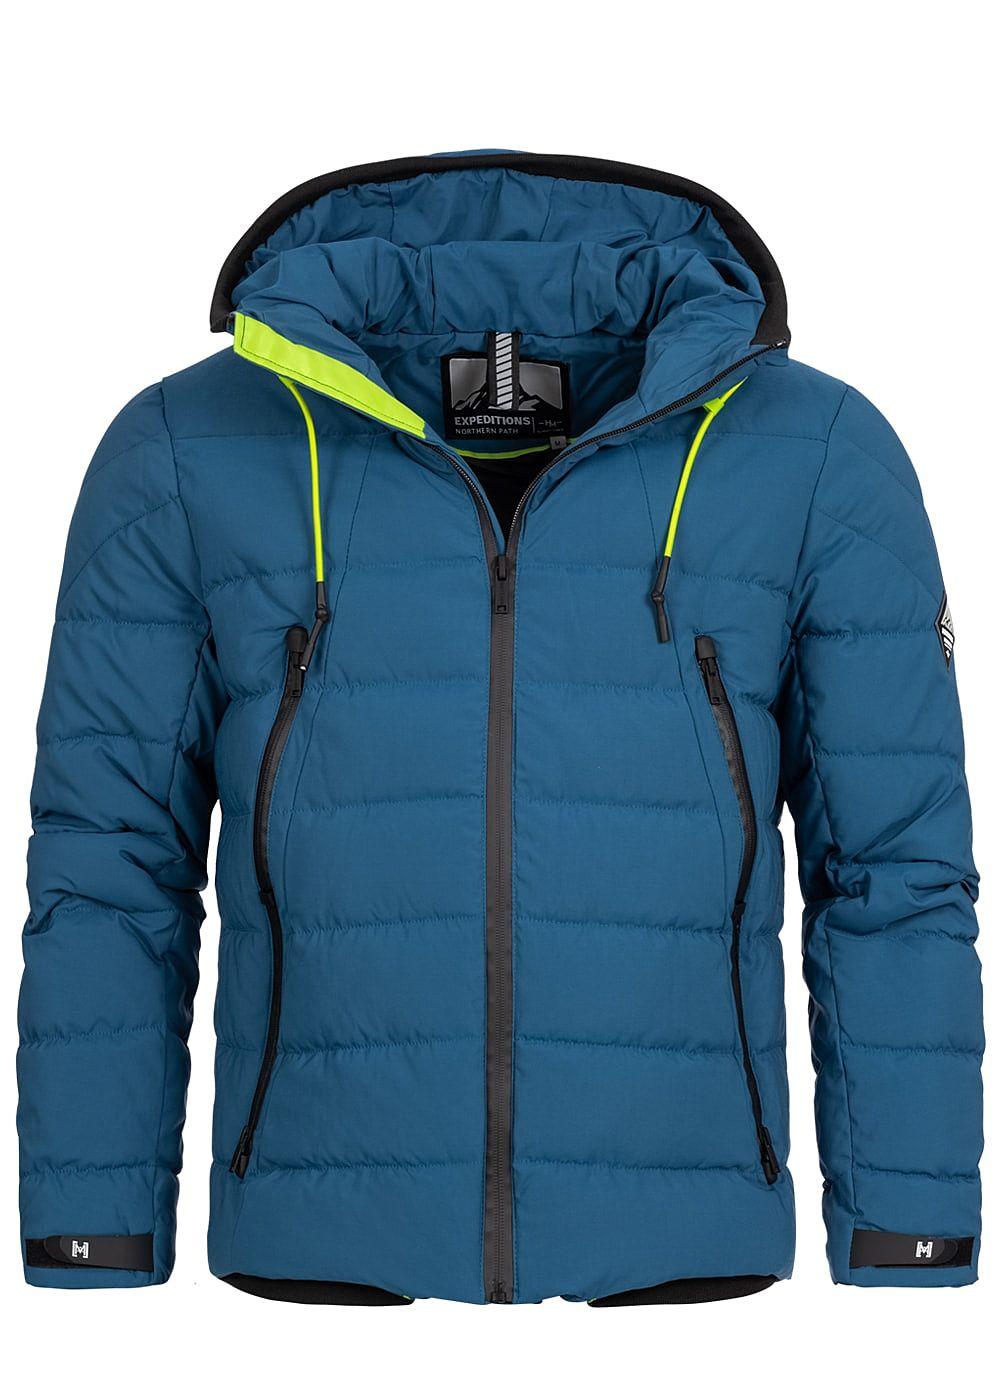 77onlineshop Herren Hailys Kapuze Winter Blau Pockets Jacke 4 yfY6b7g